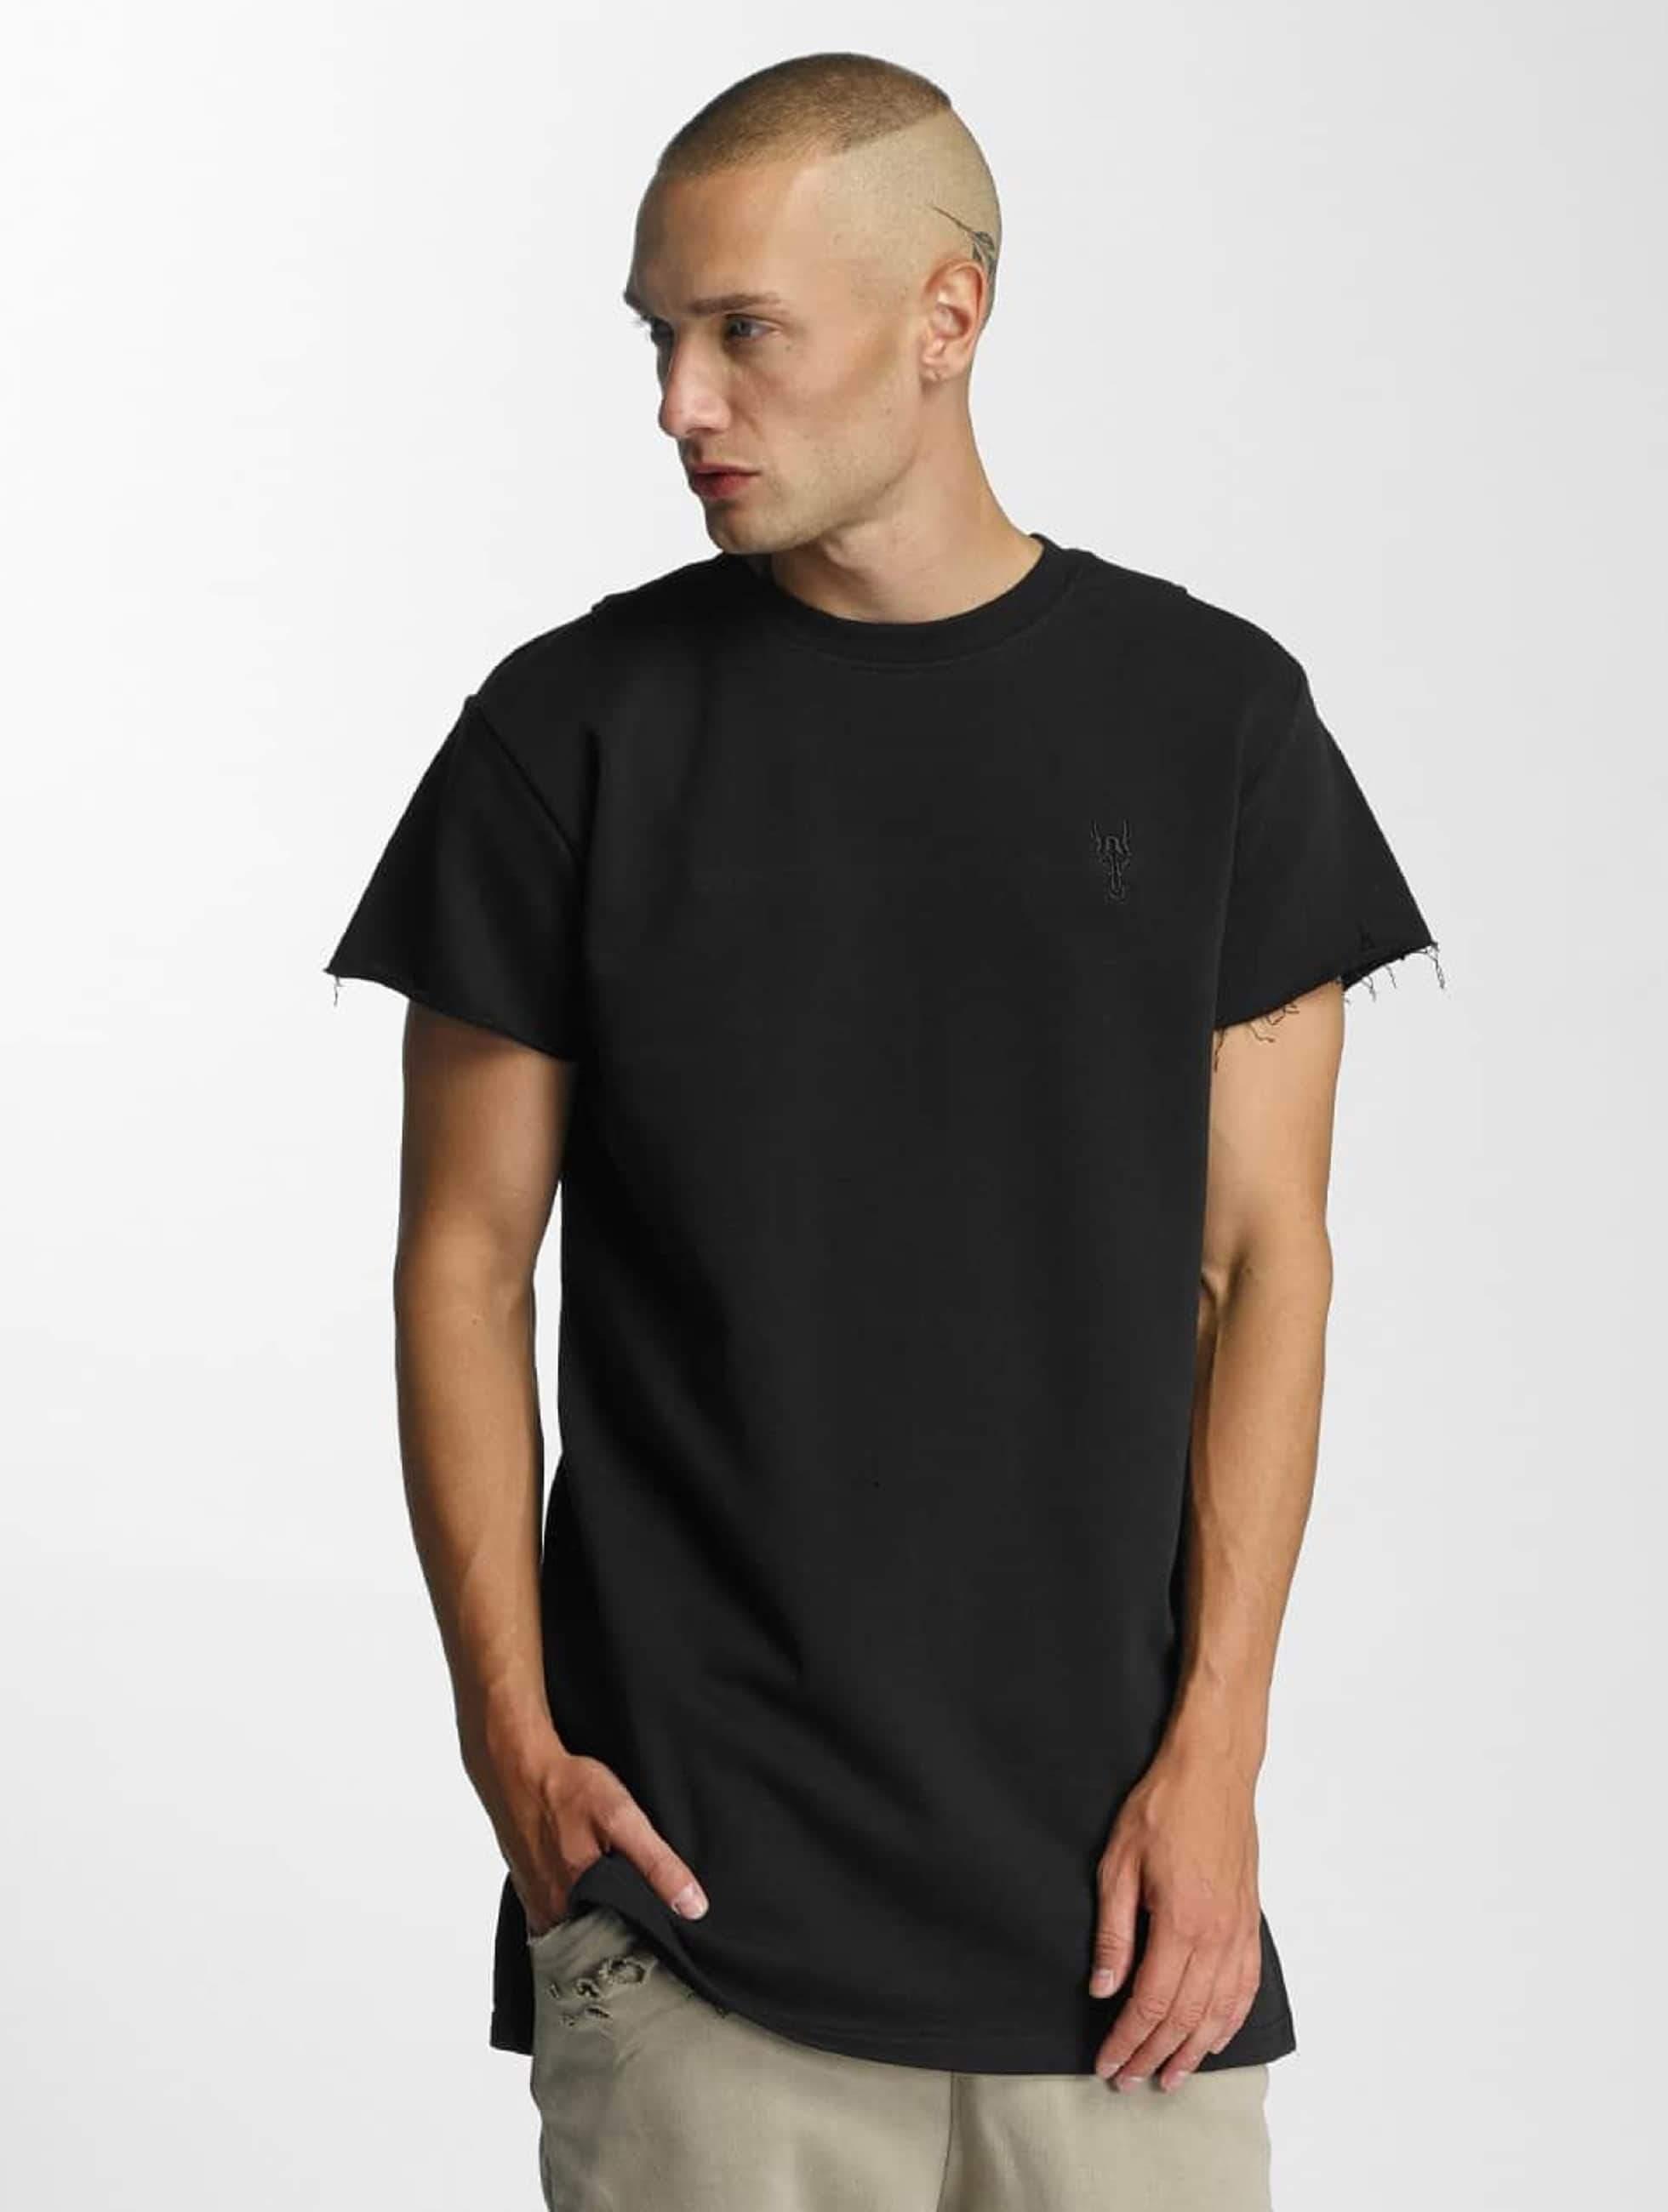 De Ferro / T-Shirt Streets in black S